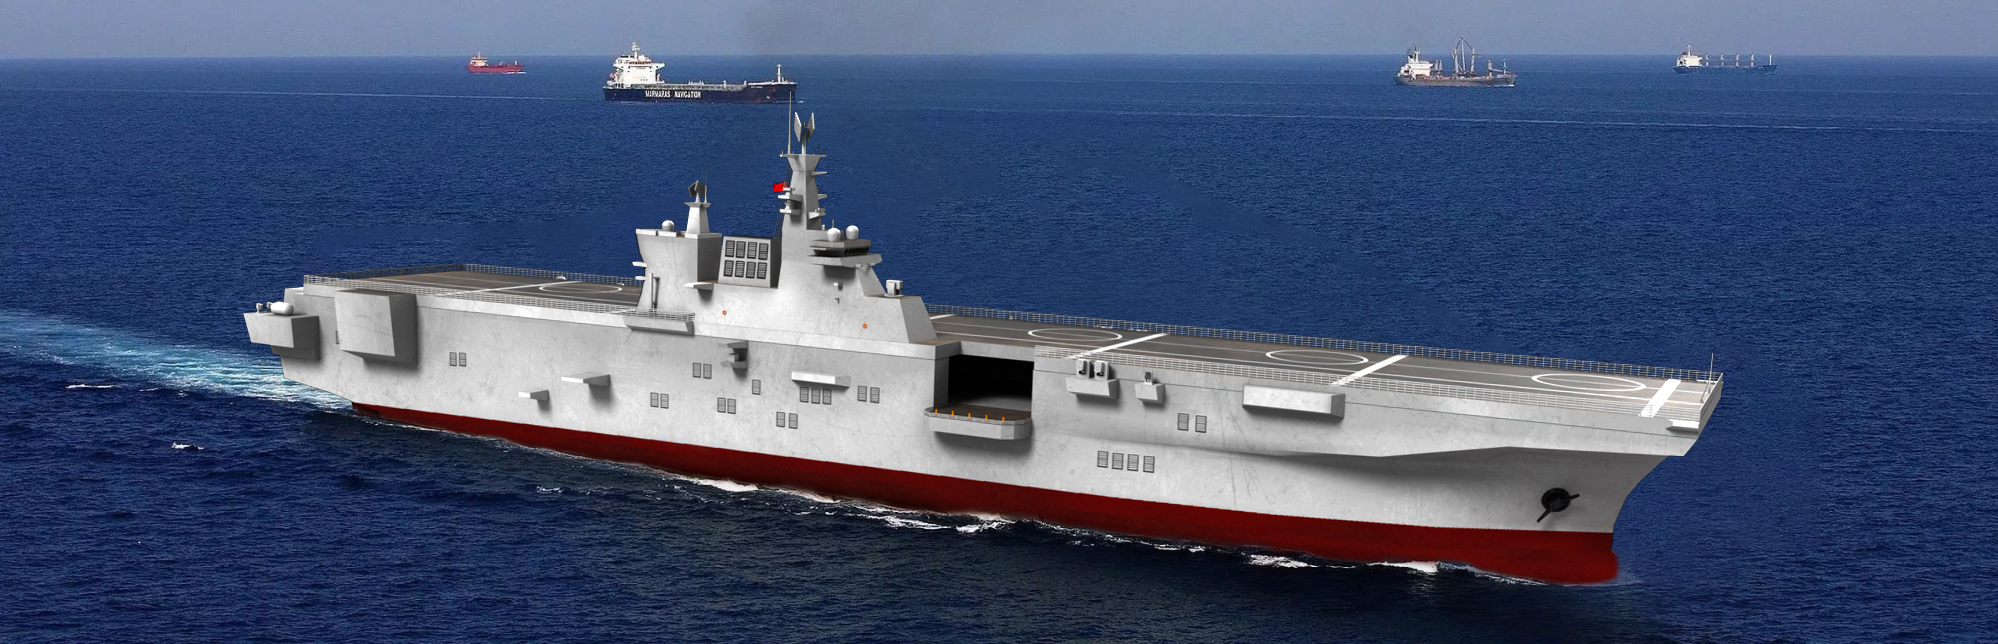 075二號艦今日出動,比首艦快71天,能打破中國紀錄的,隻有中國!